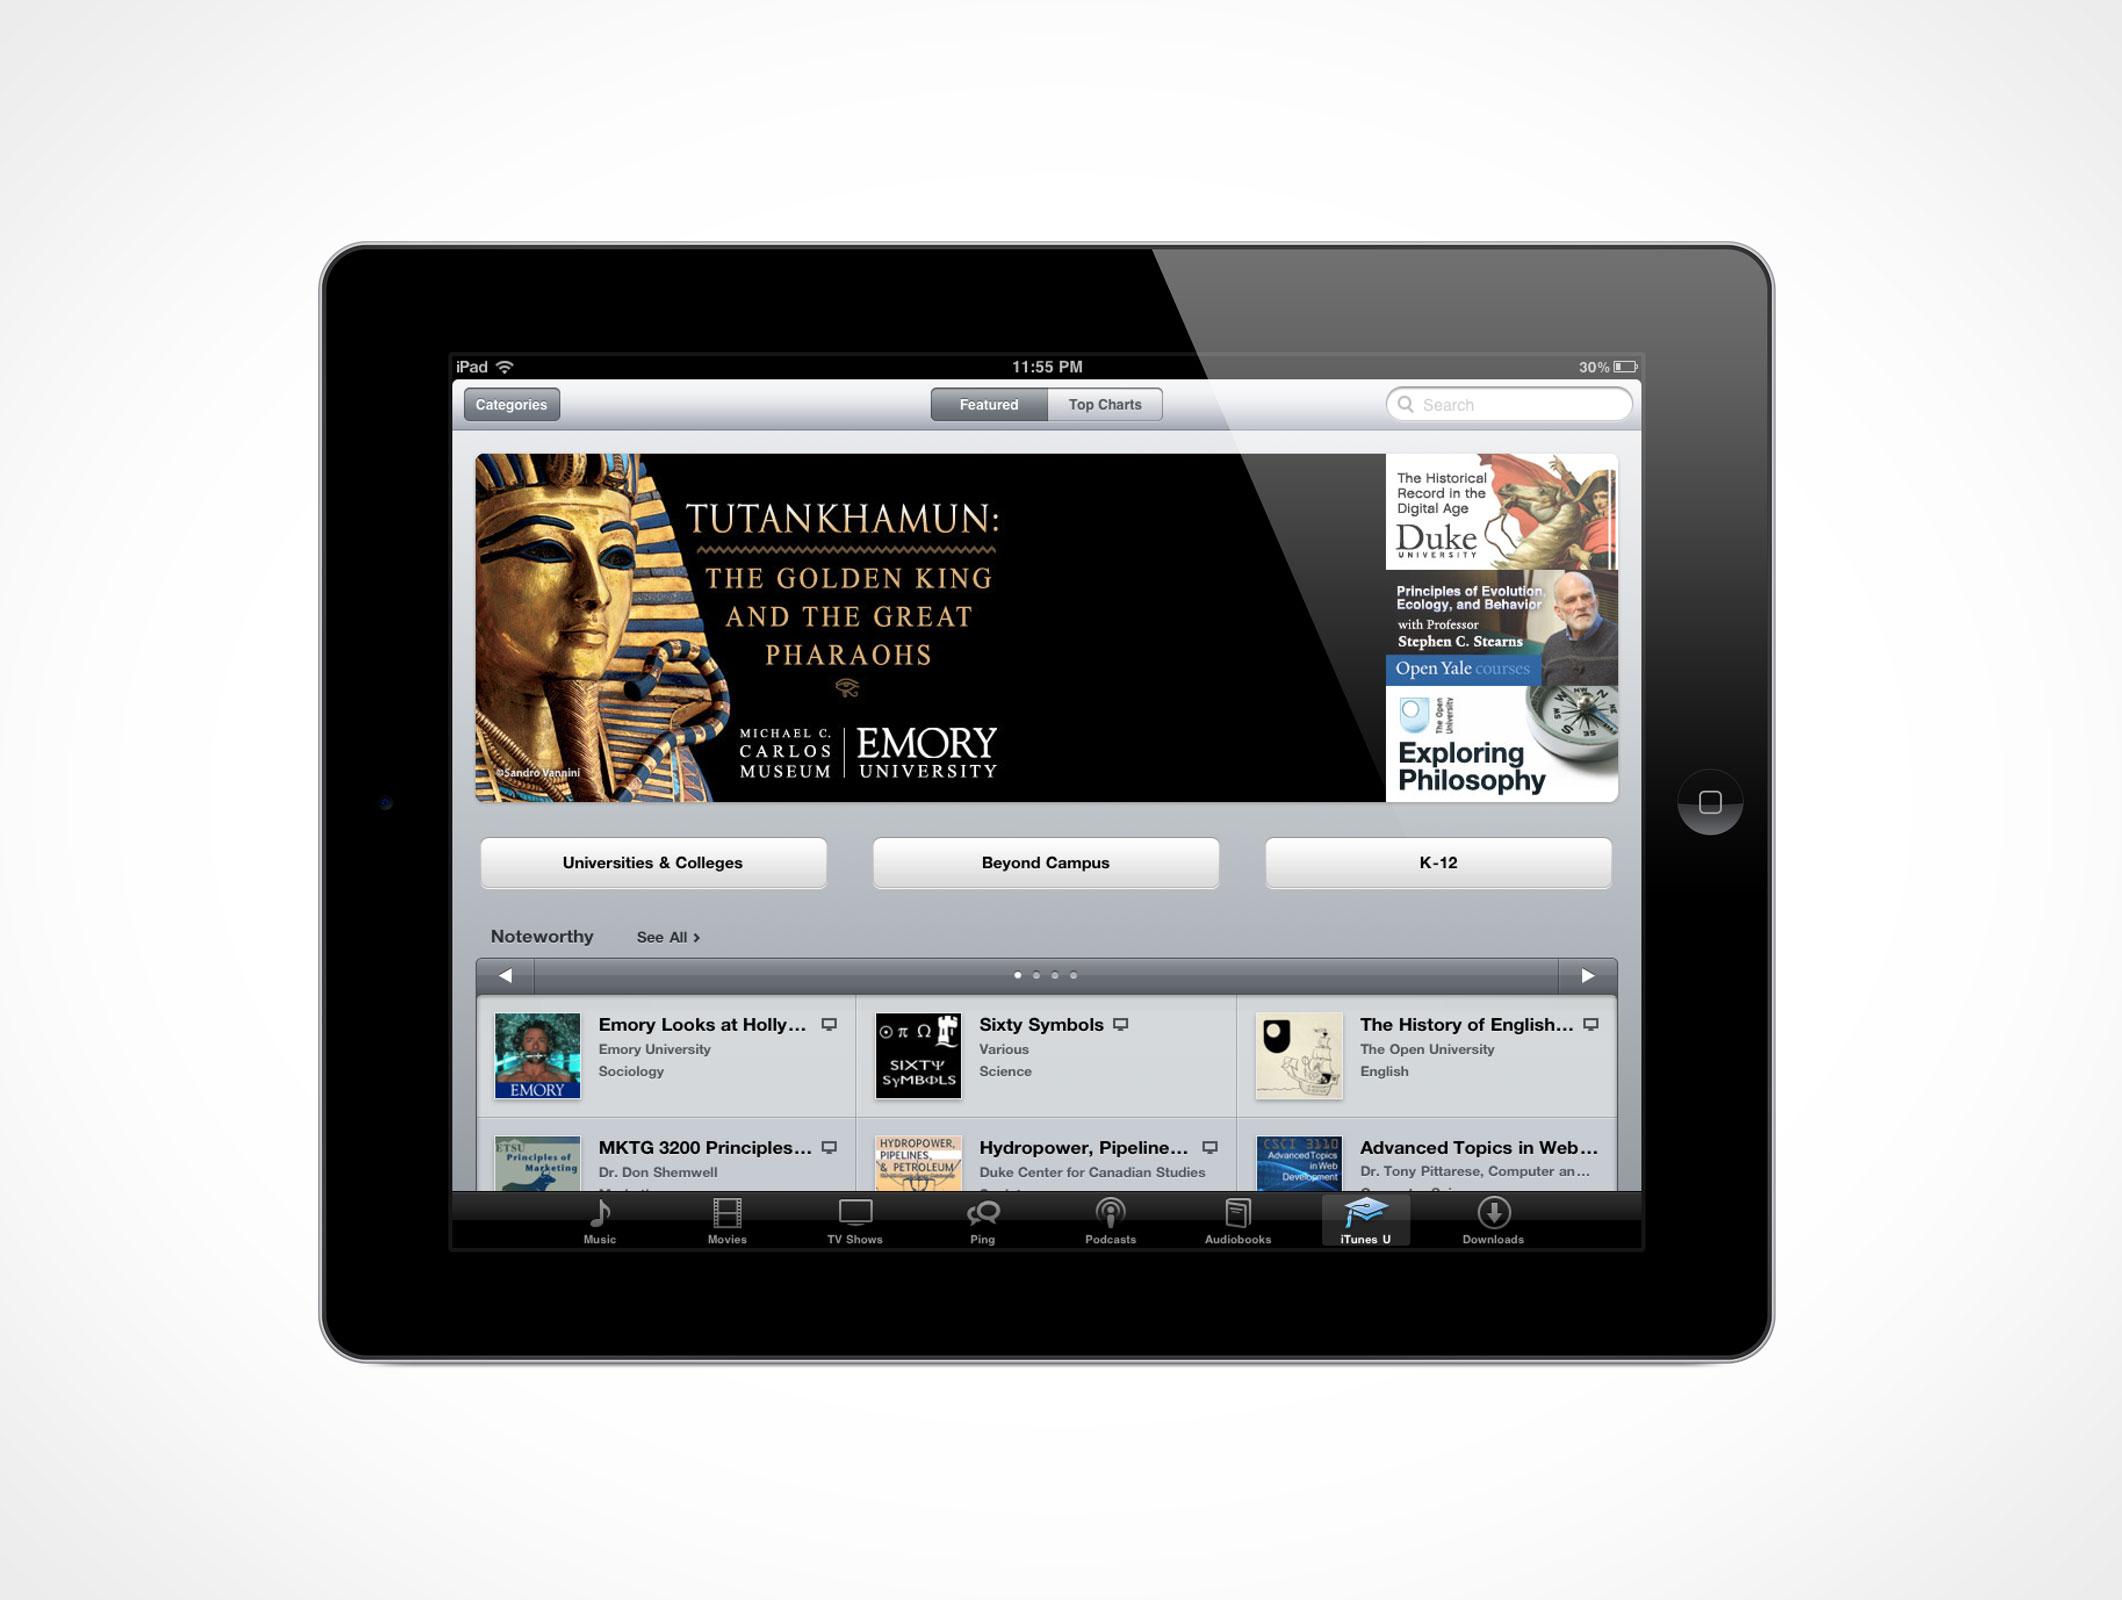 Jesuspad010 market your psd mockups for ipad - 1536x2048 ipad ...